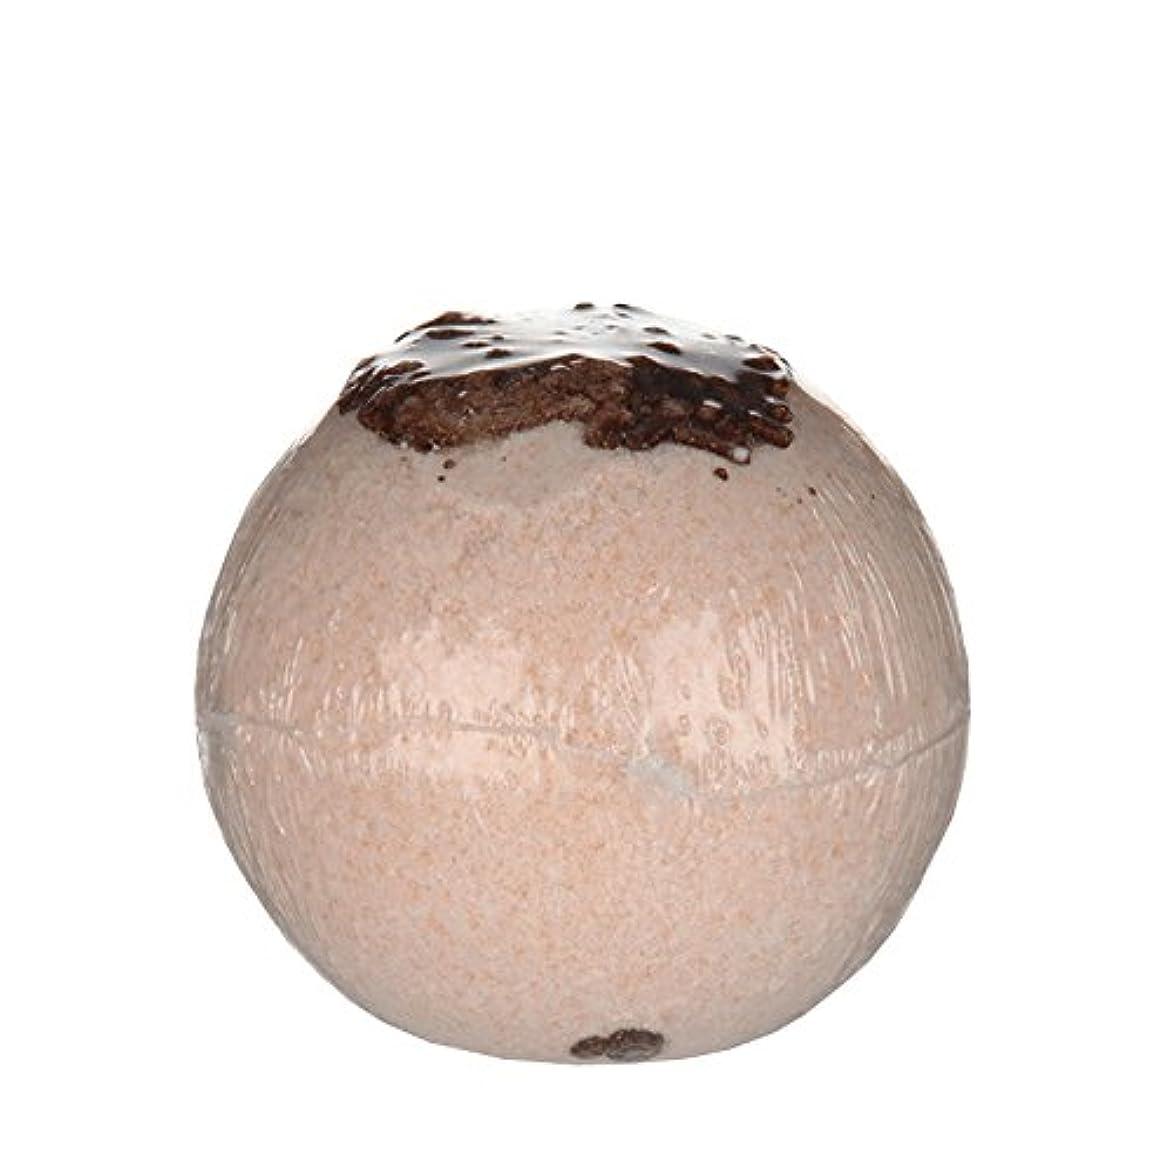 会員ぼかし上向きTreetsバスボールココナッツチョコレート170グラム - Treets Bath Ball Coconut Chocolate 170g (Treets) [並行輸入品]